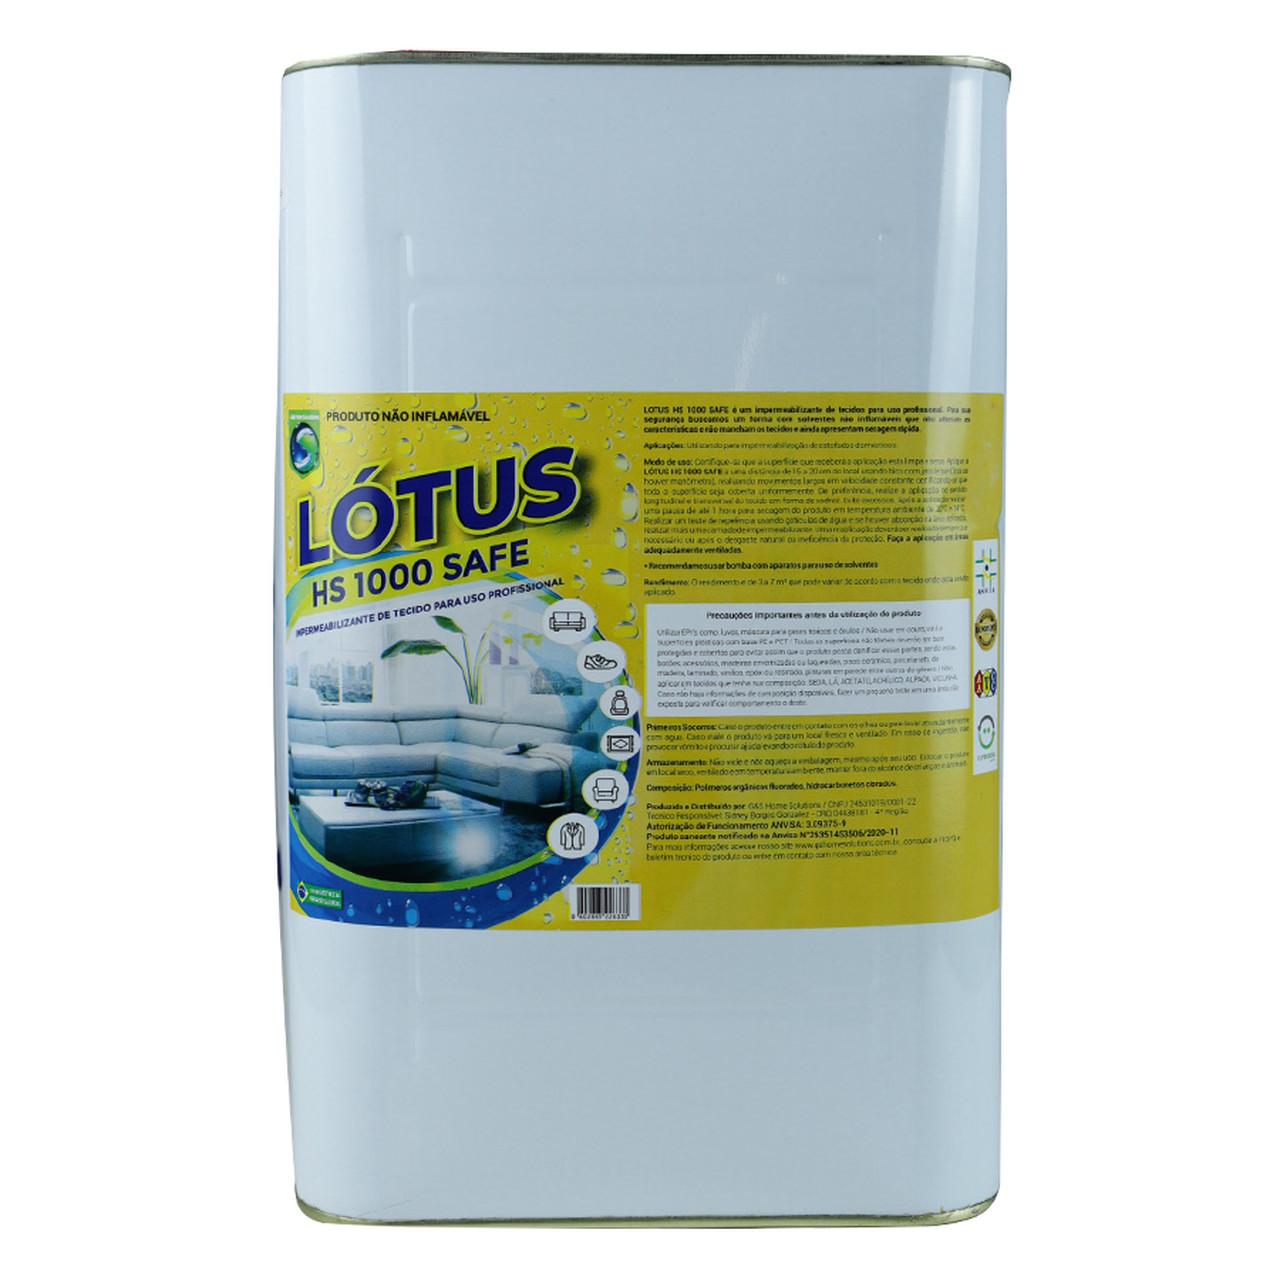 Impermeabilizante Tecido Sofa e Estofados Lotus HS Safe 5Lts